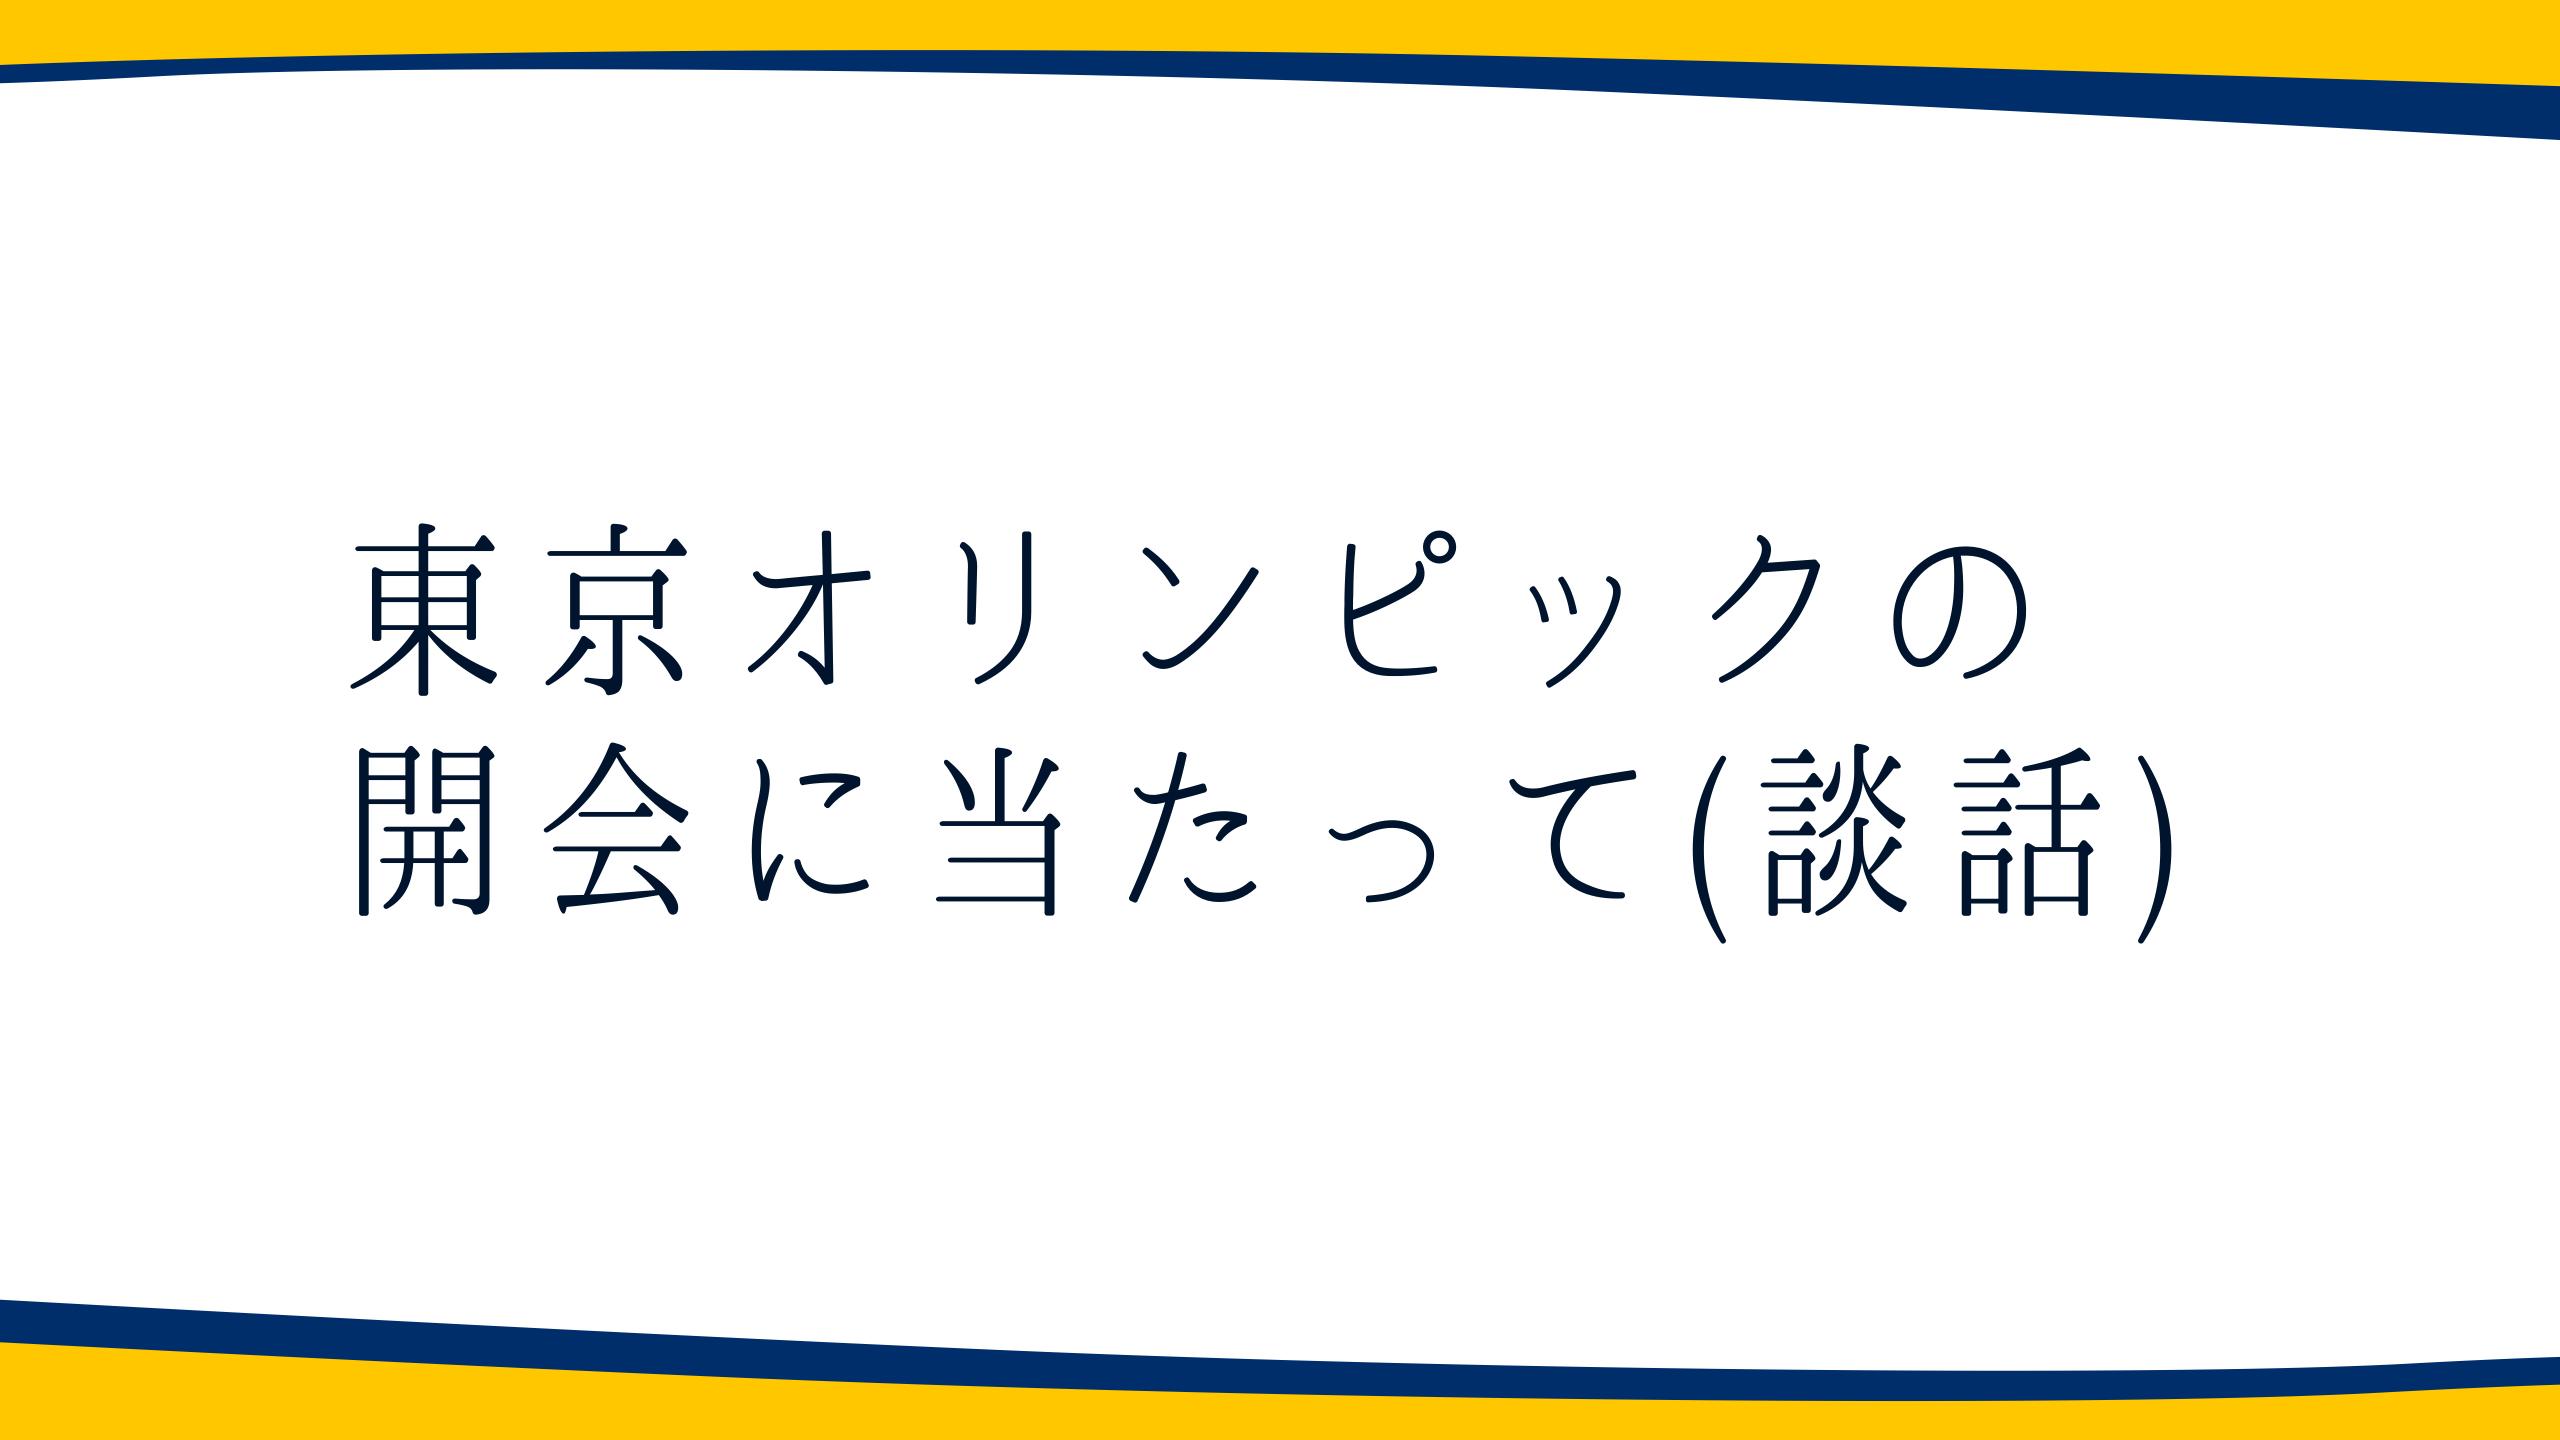 【談話】東京オリンピックの開会に当たって